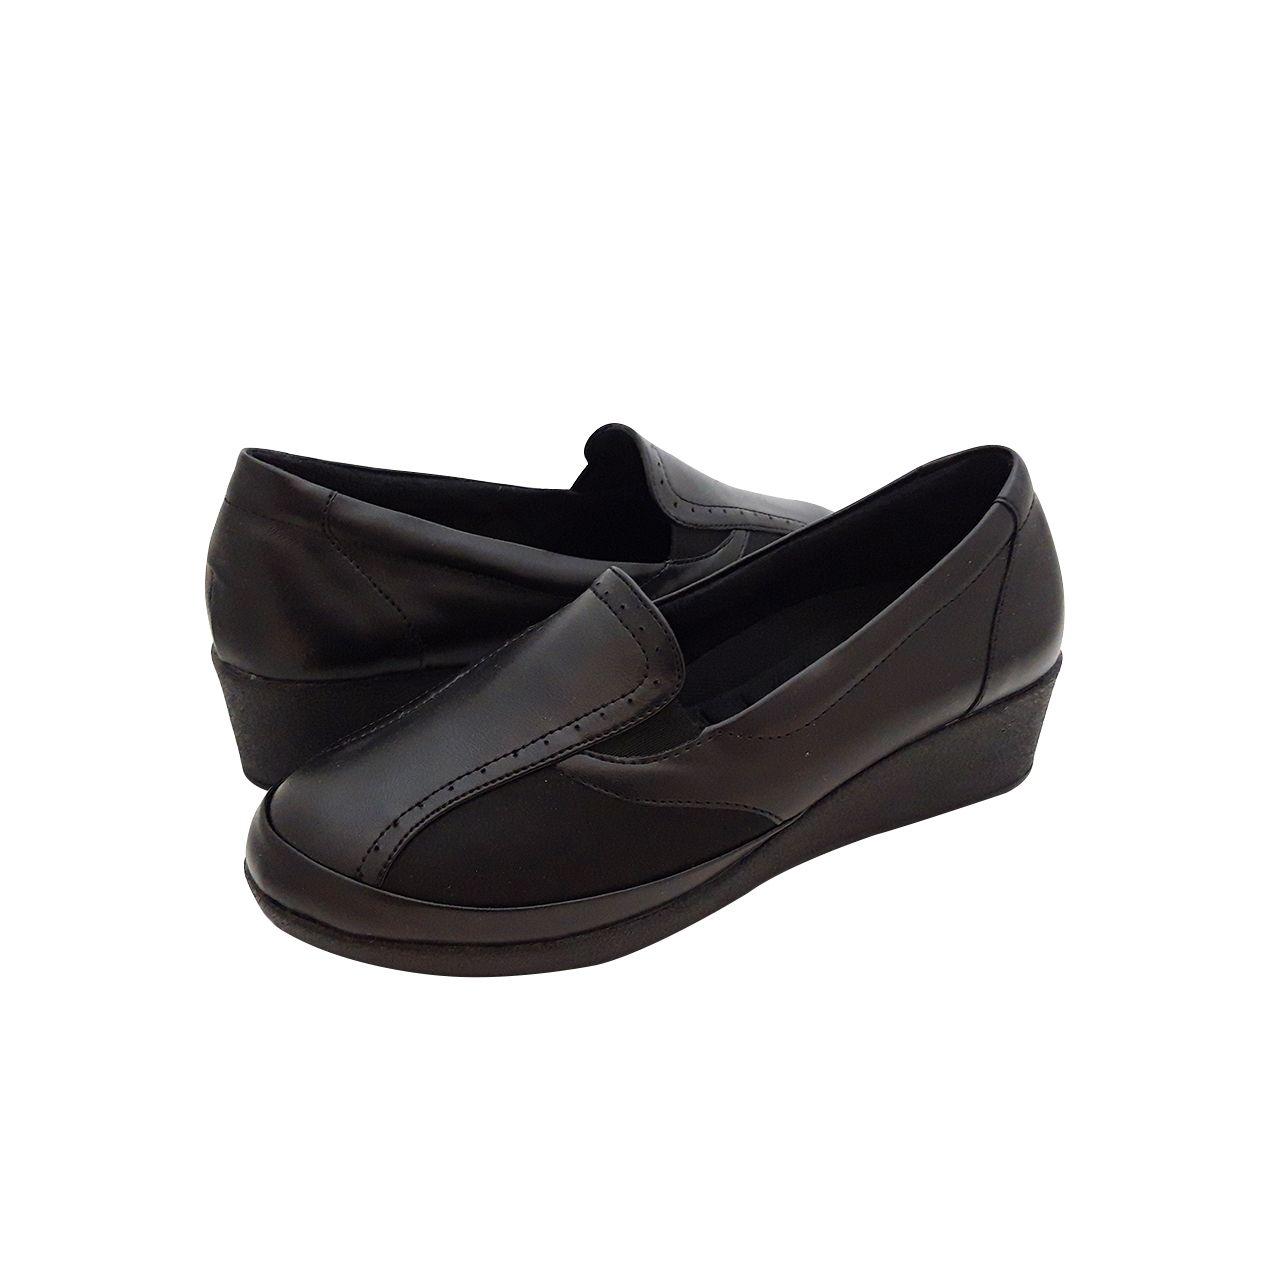 کفش زنانه پاتکان مدل 613 کد 01 -  - 3